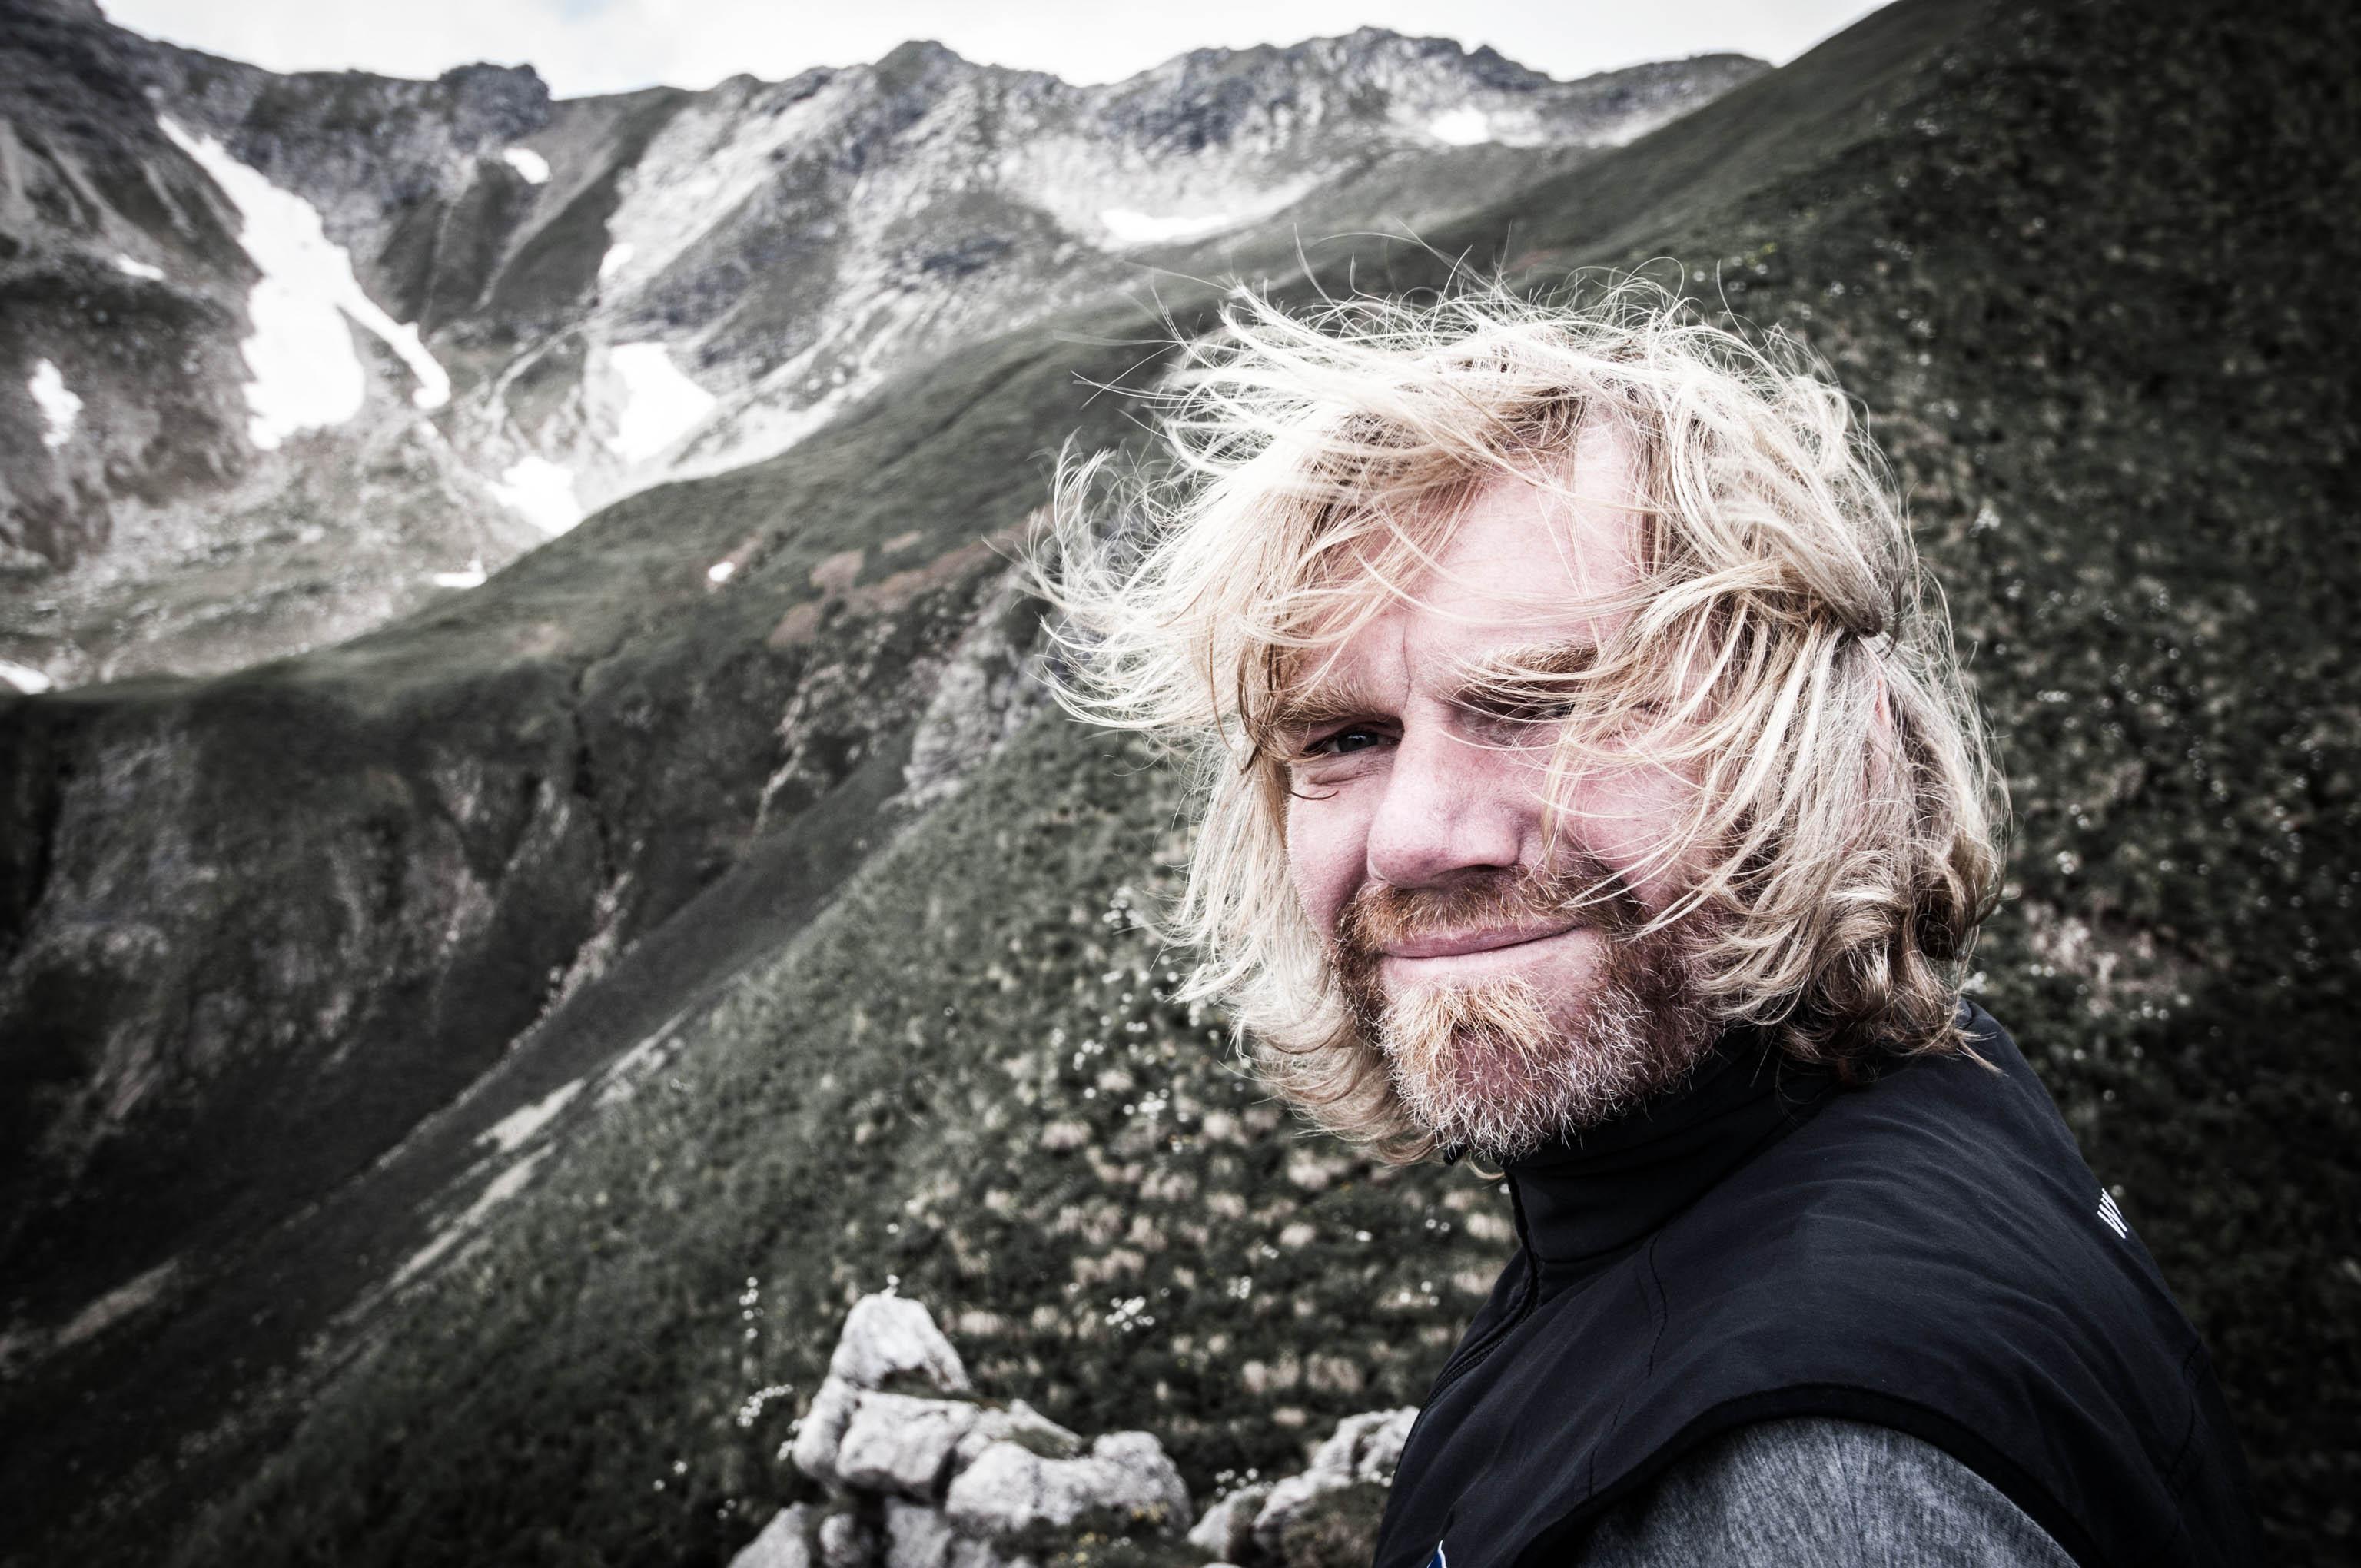 Weitwanderer Thorsten Hoyer Alpenueberquerung Chefredakteur Wandermagazin